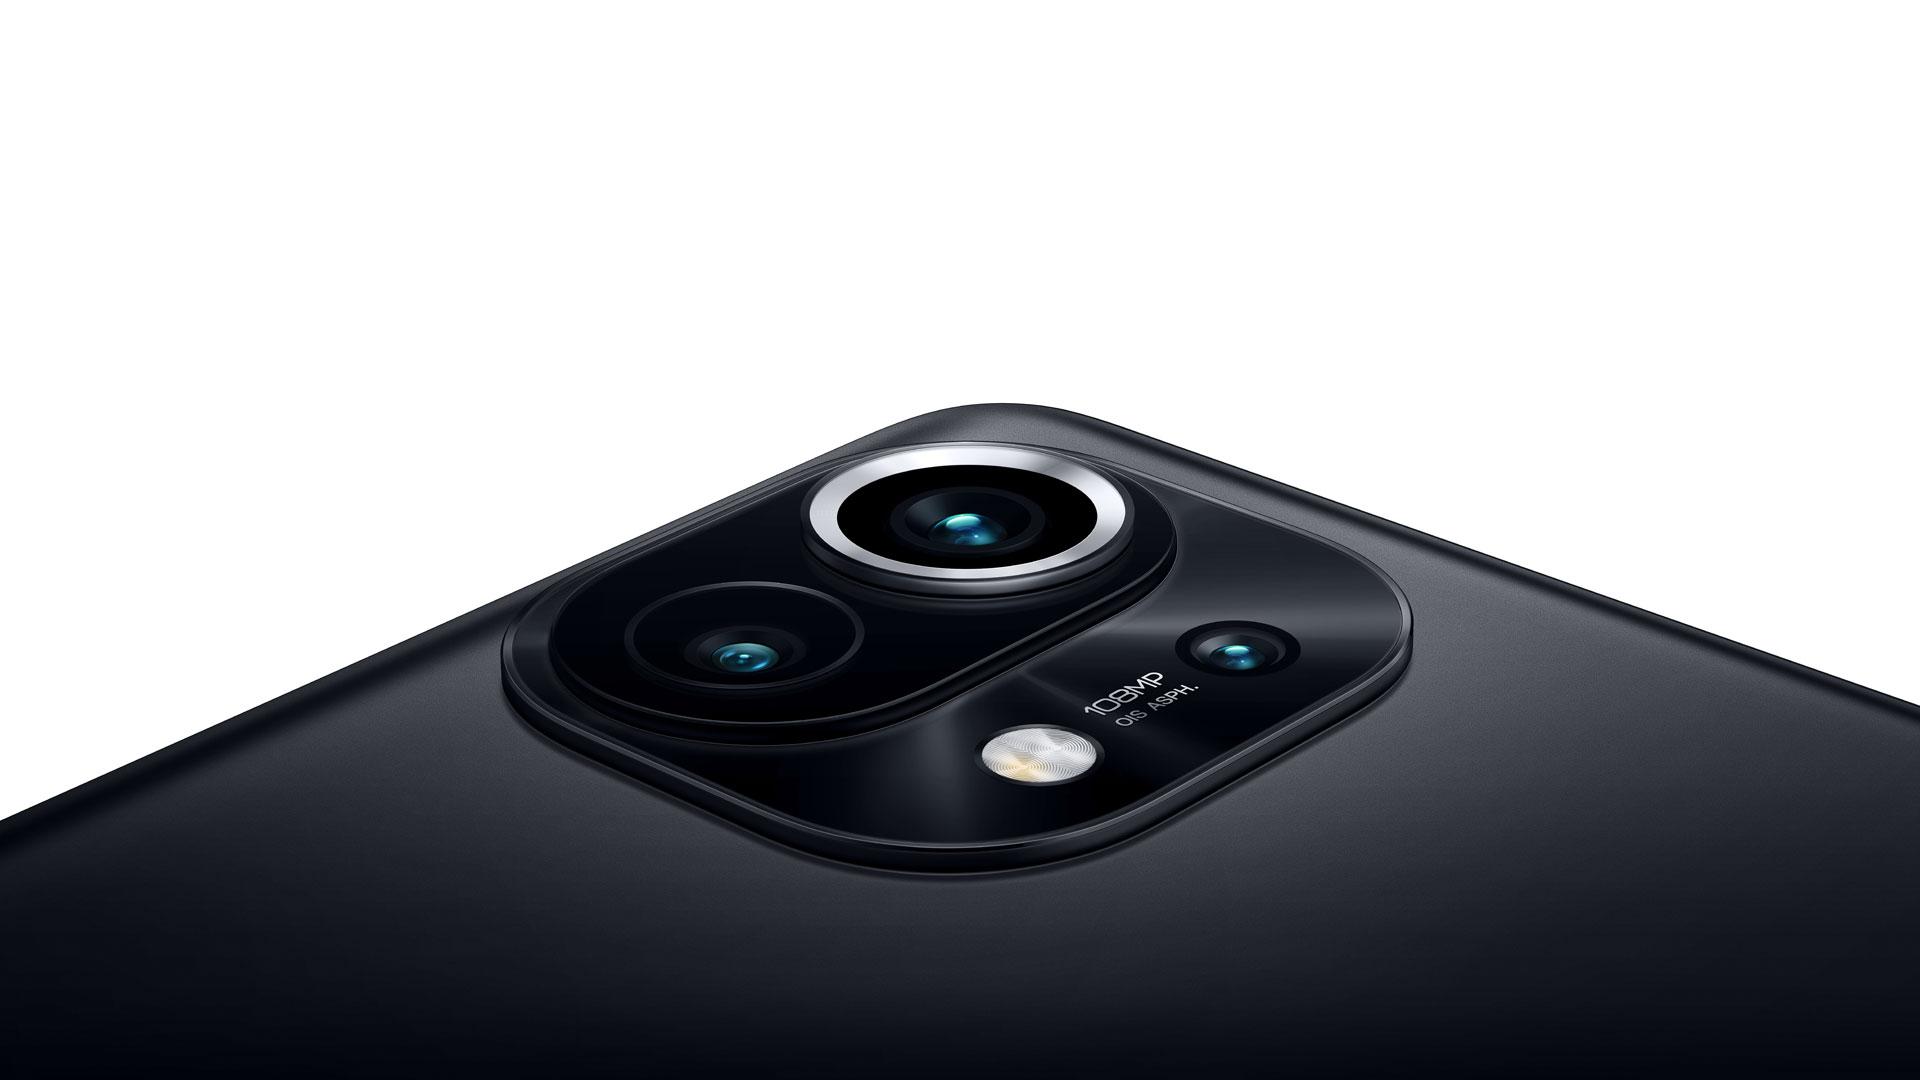 Das Kameramodul des neuen Xiaomi Mi 11 | 5G in Midnight Gray mit Weitwinkel-, Ultraweitwinkel- und Telemakro-Objektiv.